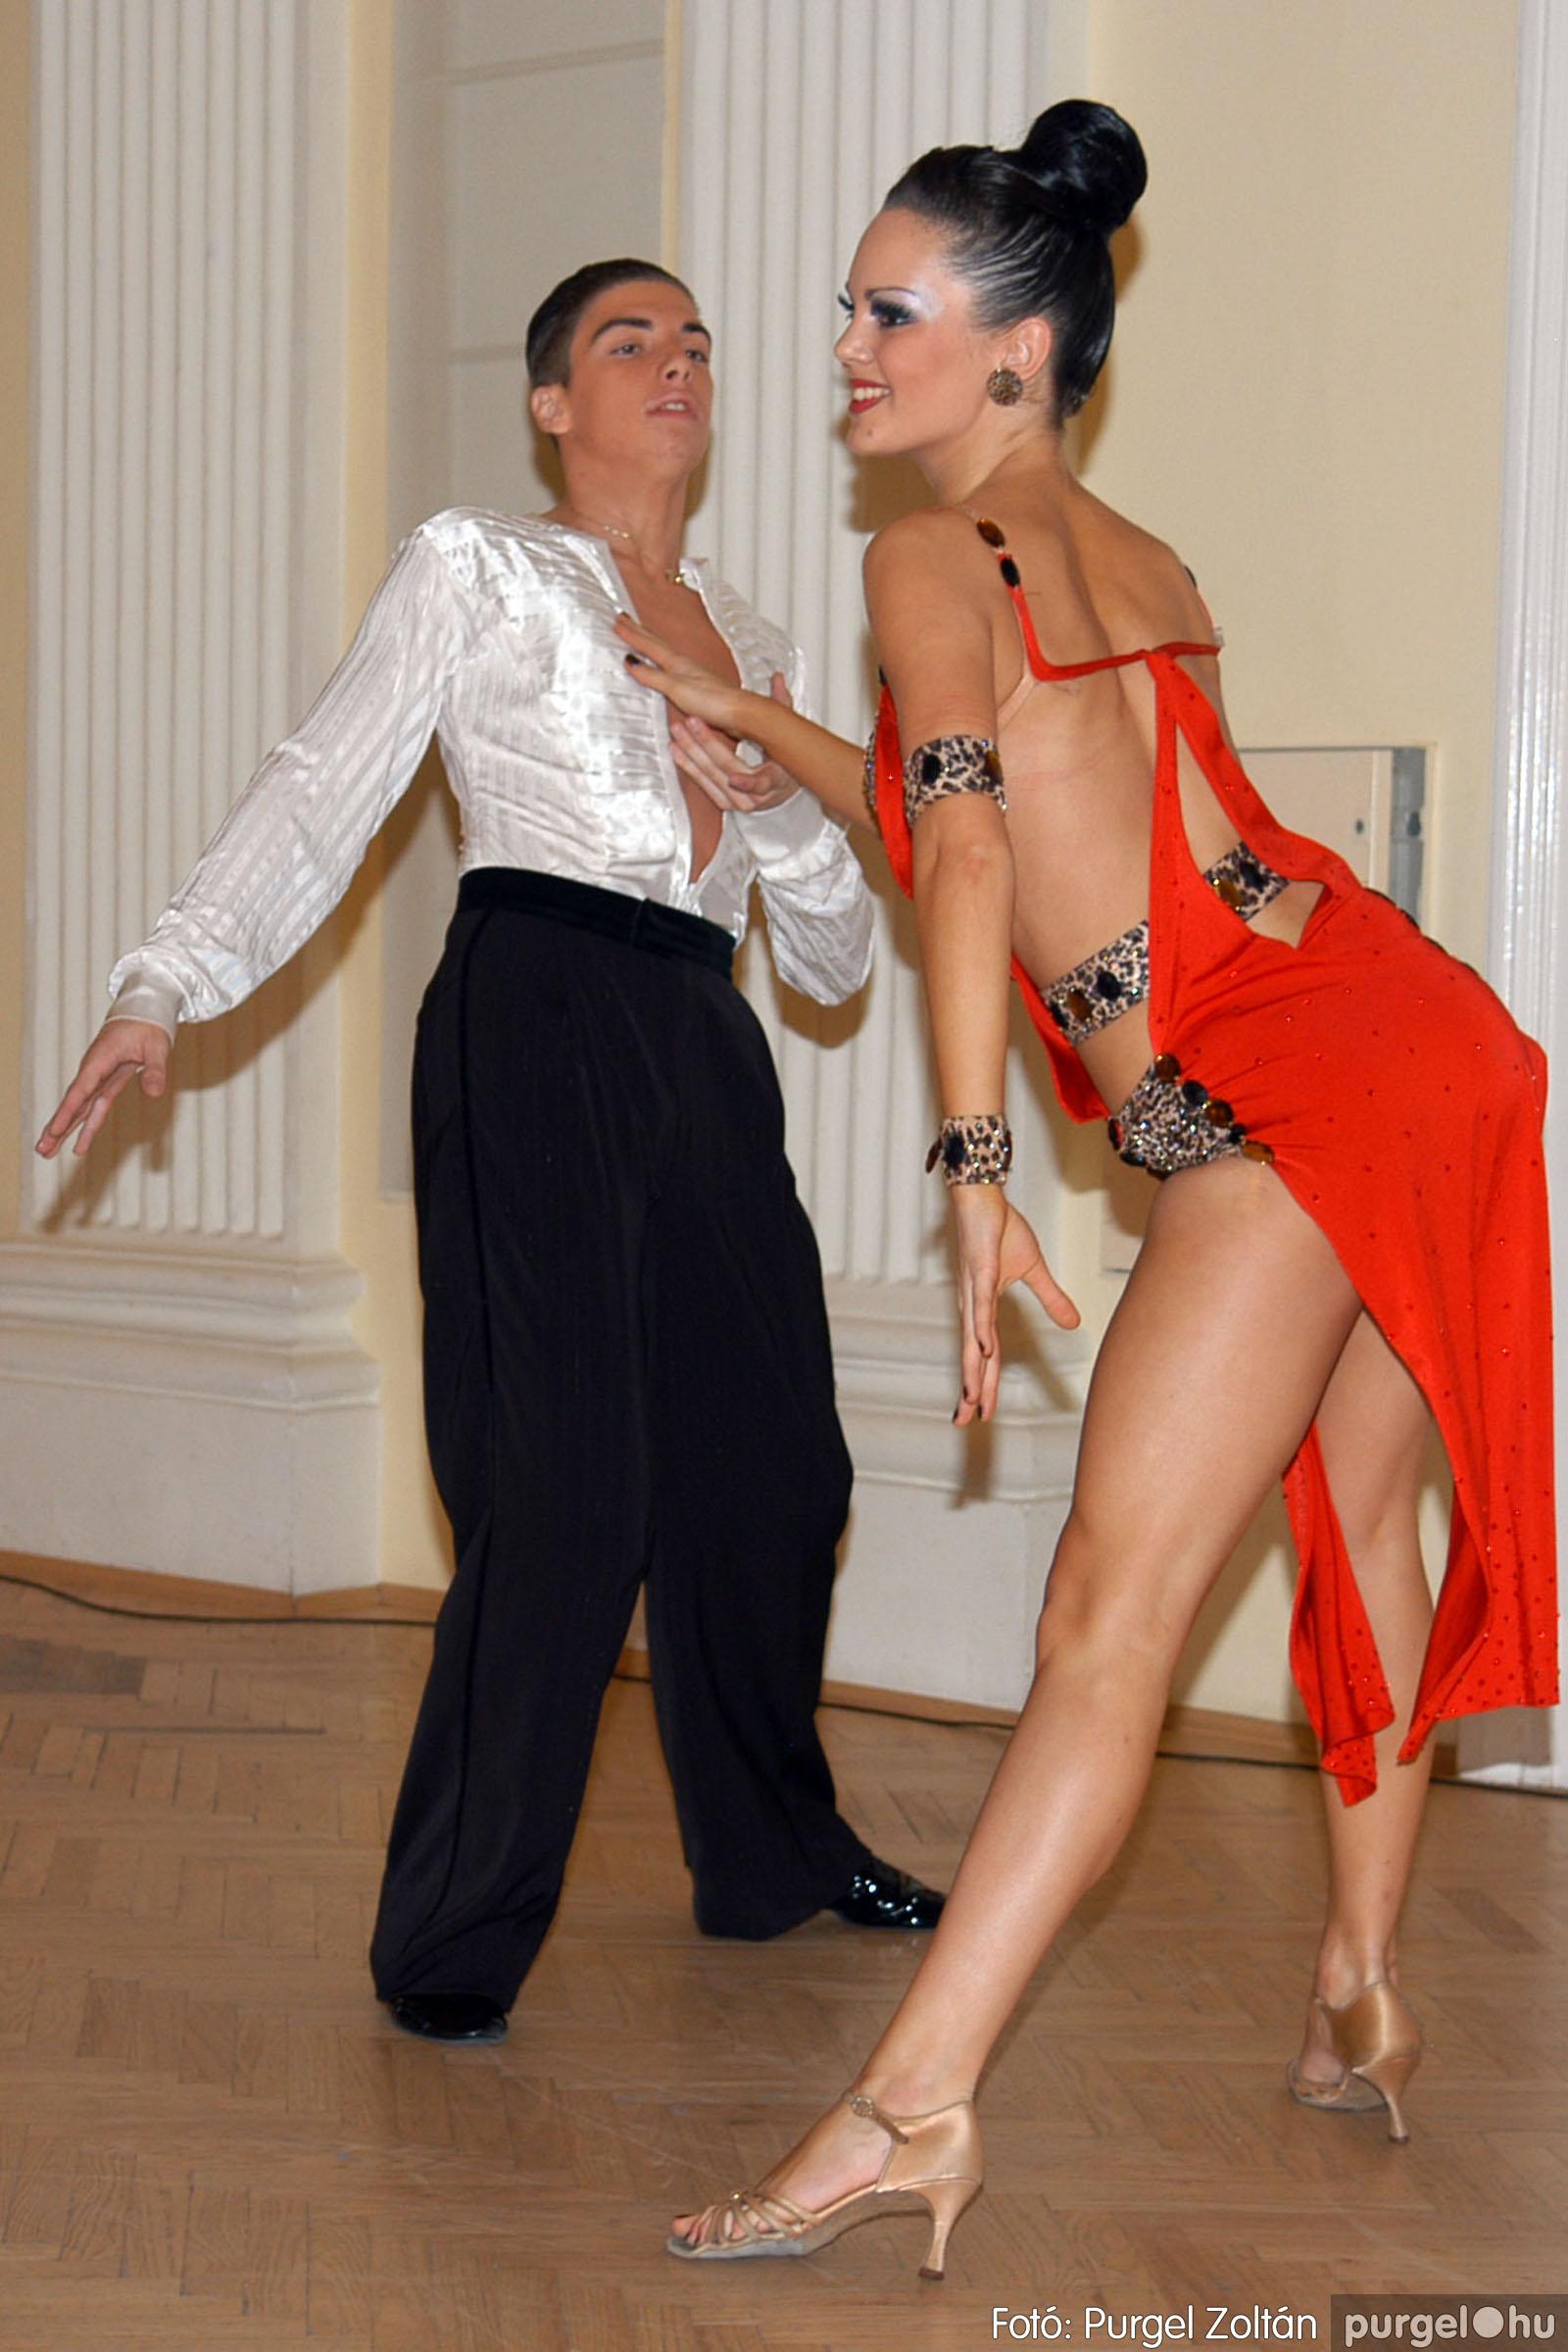 2010.10.28. 141 Szegvár és Vidéke Takarékszövetkezet takarékossági világnap rendezvény - Fotó:P. Z..jpg